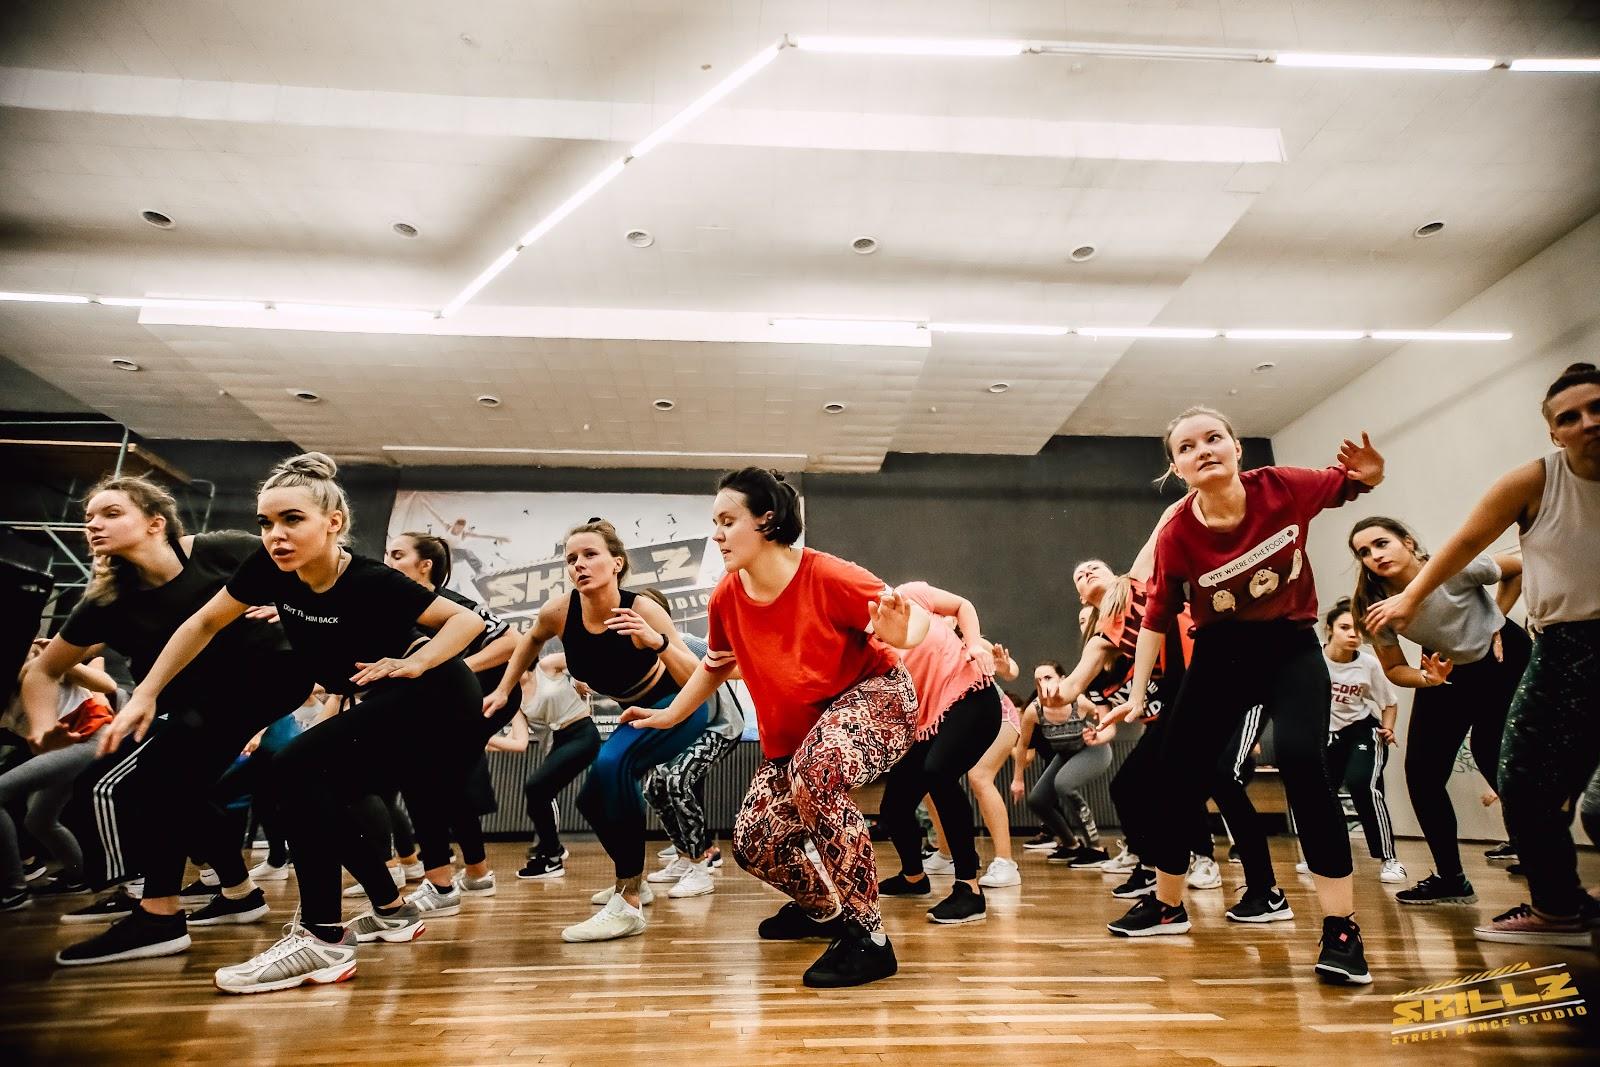 Dancehall Takeover seminarai (Jamaika, Belgija, Prancuzija) - IMG_8499.jpg